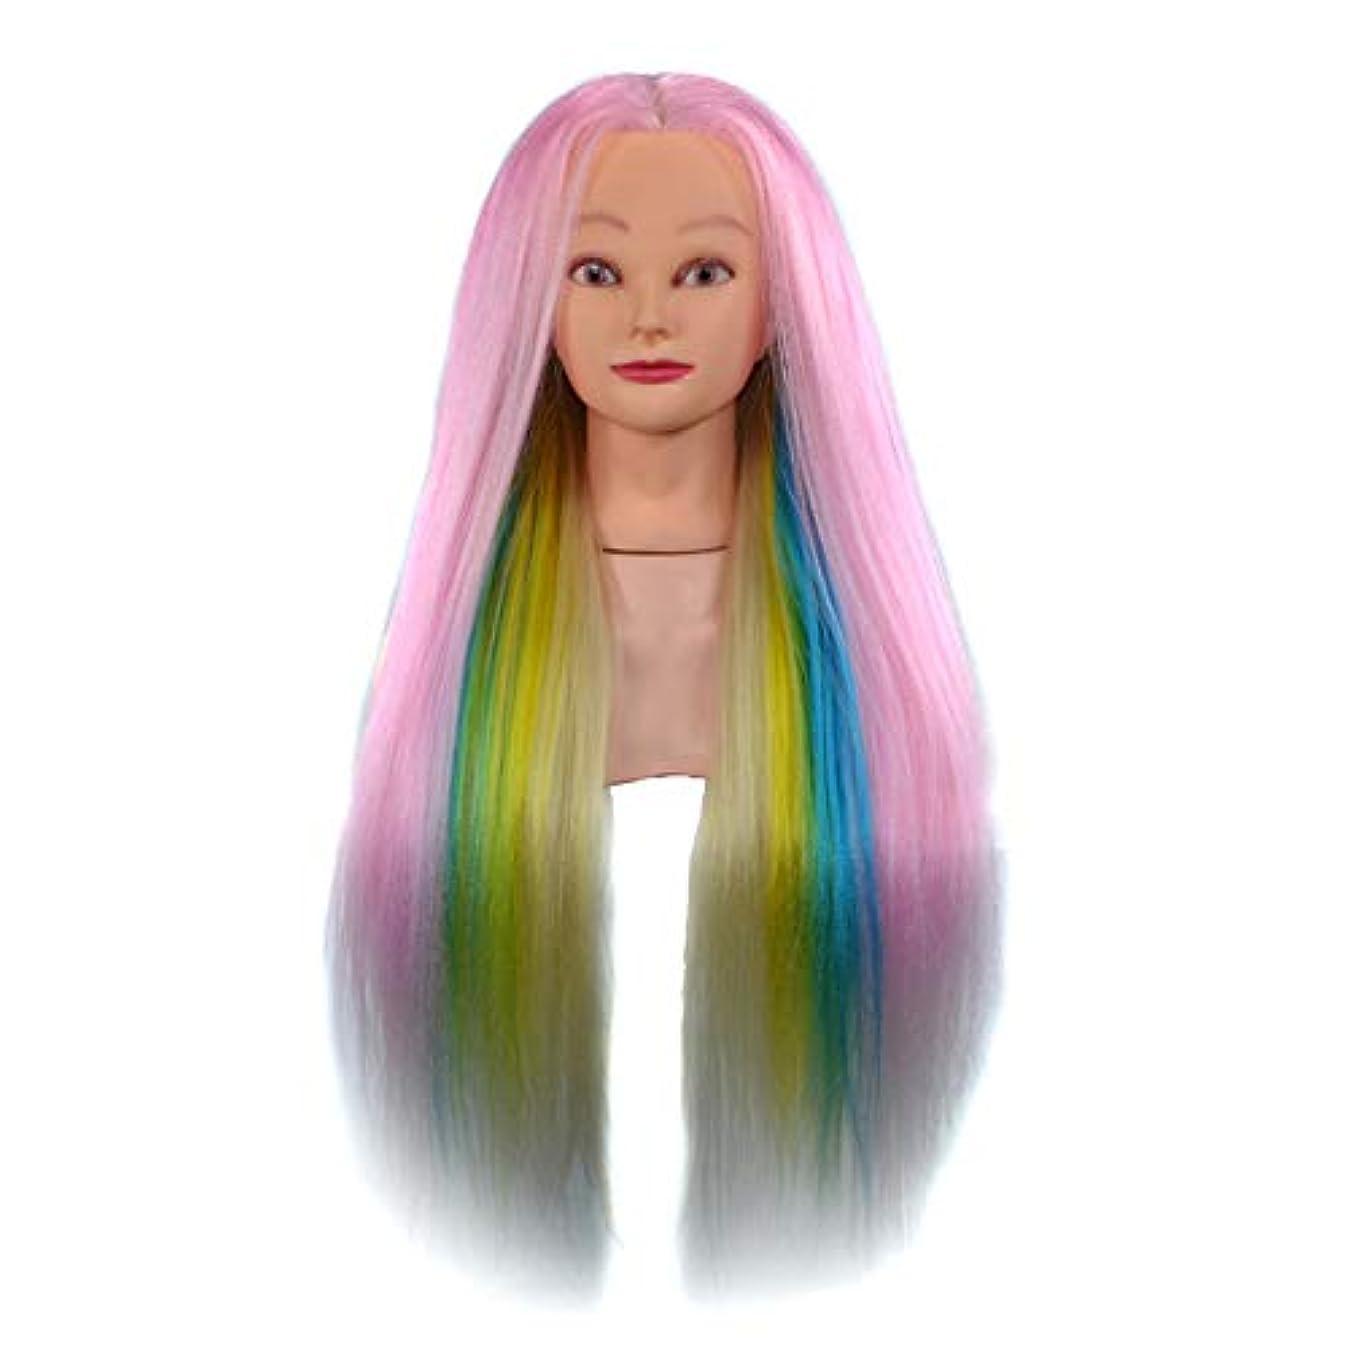 スペイン語エクステント指紋高温ワイヤー矯正スタイリング切断マネキンヘッドトレーニングヘッド理髪マネキン人形ヘッドでクランプ